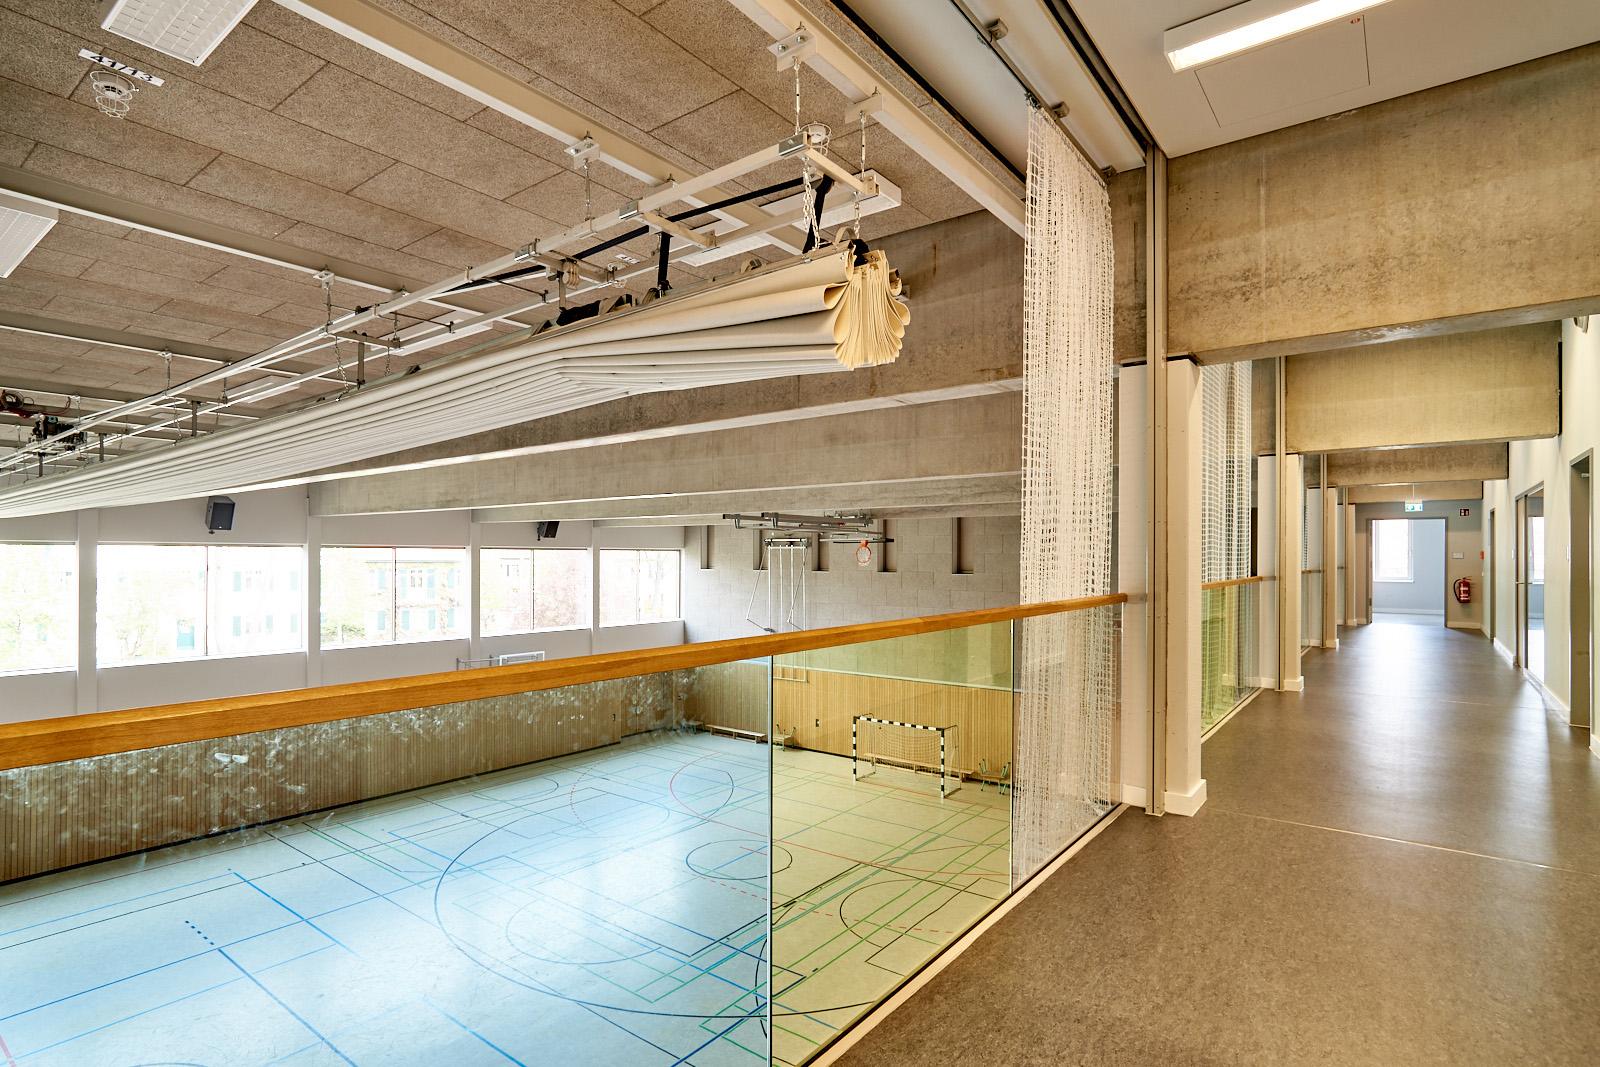 56OS_sporthalle_3_rl